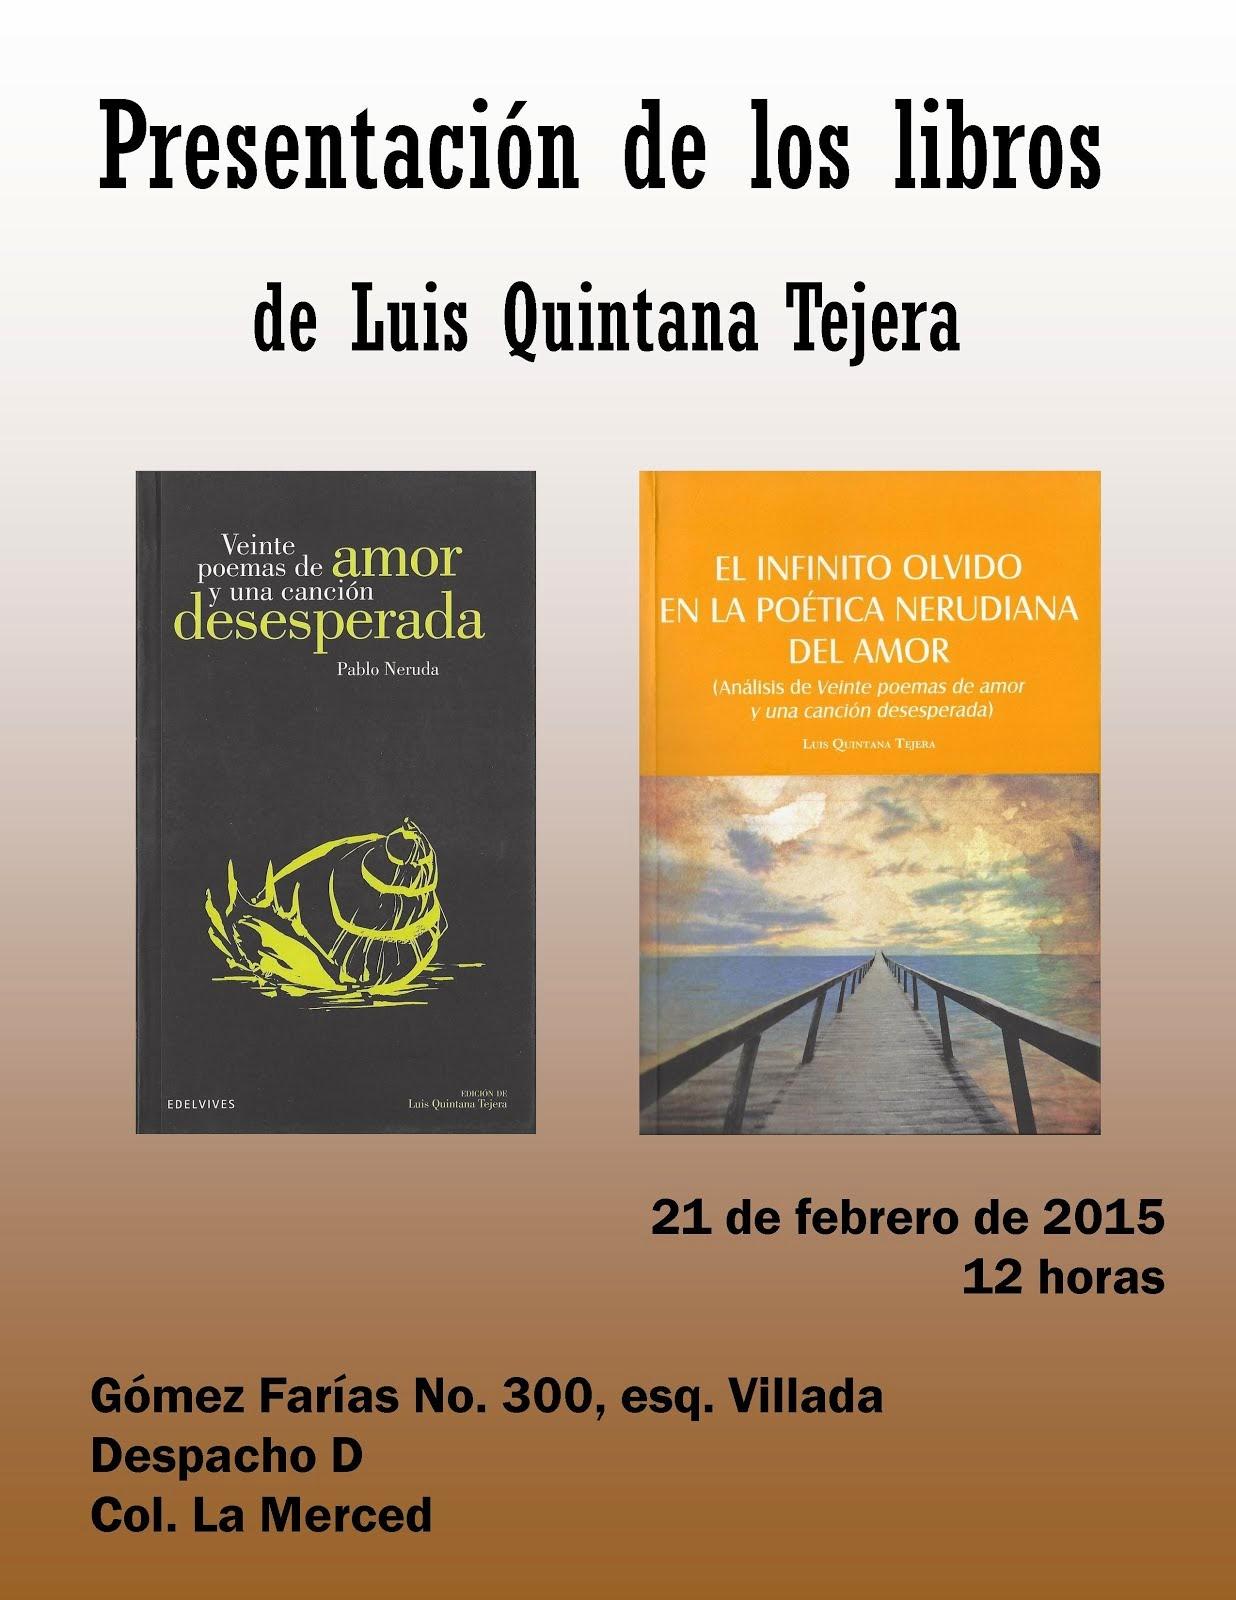 Presentación de libros de Luis Quintana Tejera